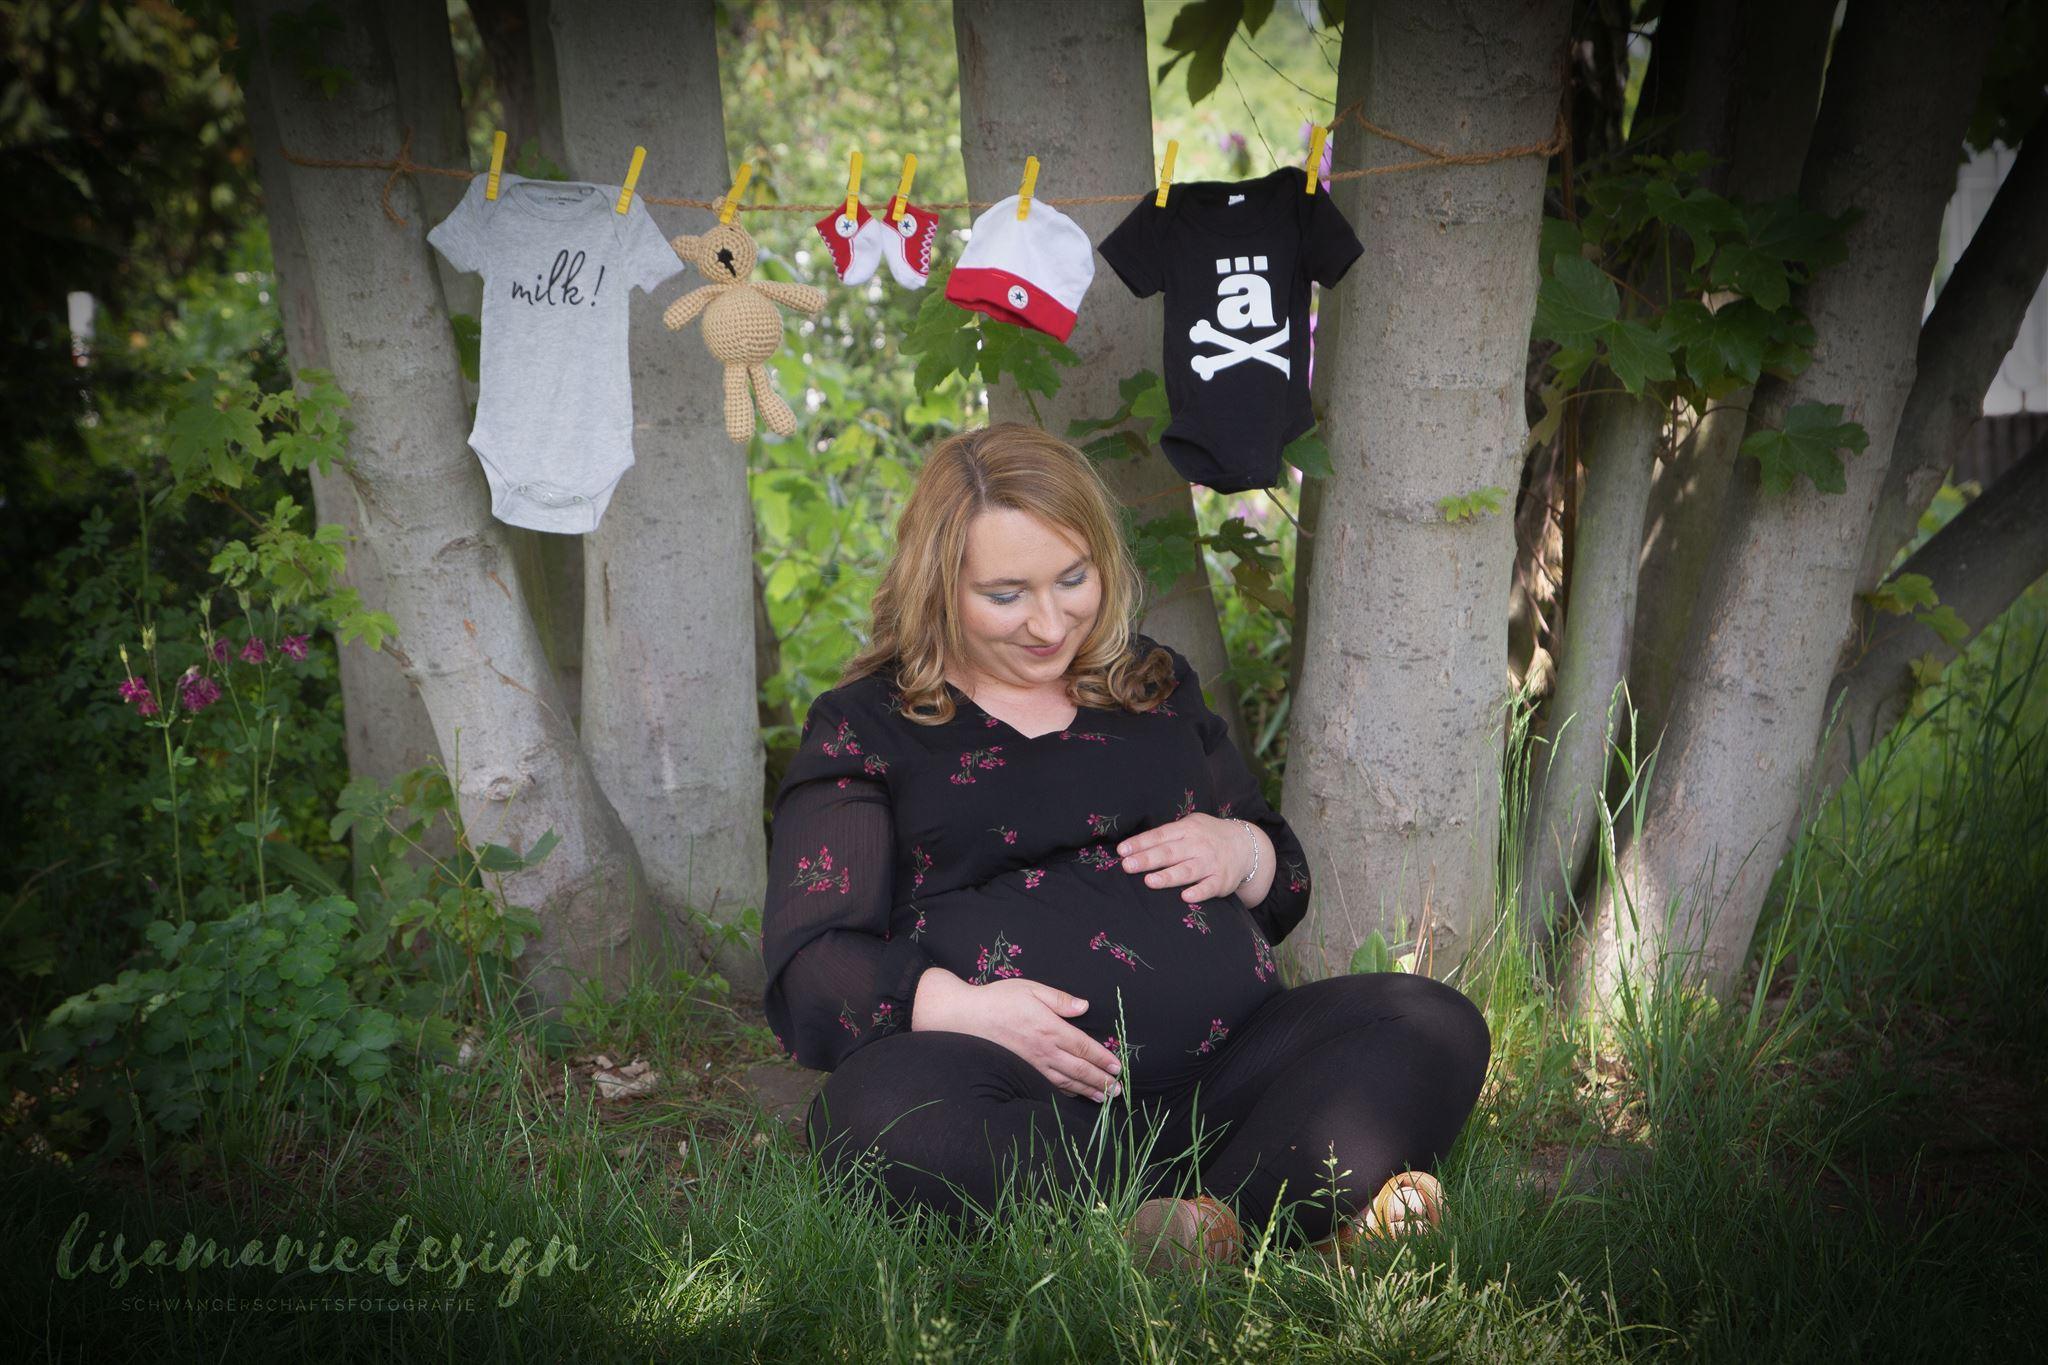 Schwangerschaftsshooting bei einem Outdootshooting in einem Park in Leipzig